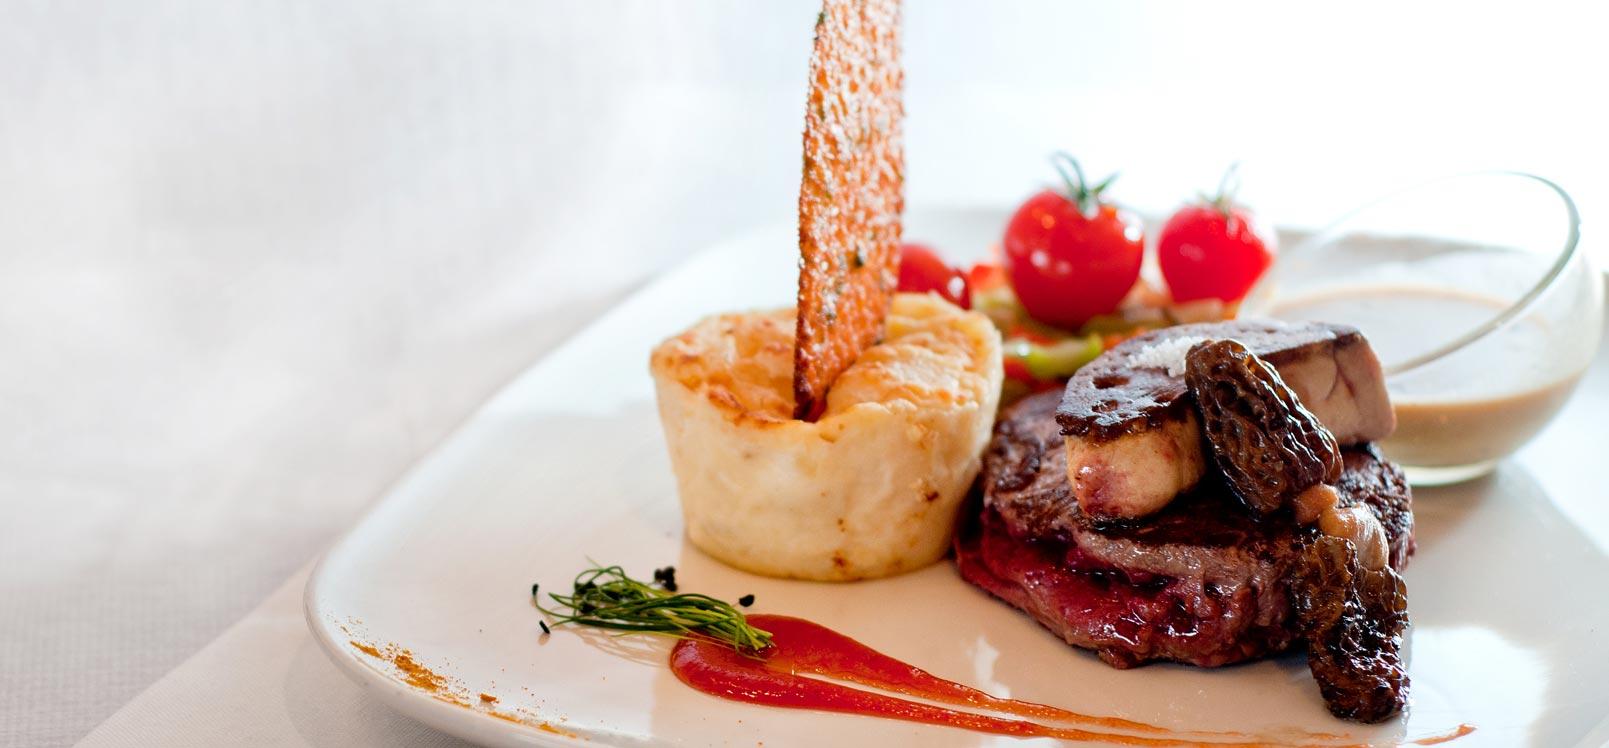 Terroir et gastronomie des Hautes-Alpes